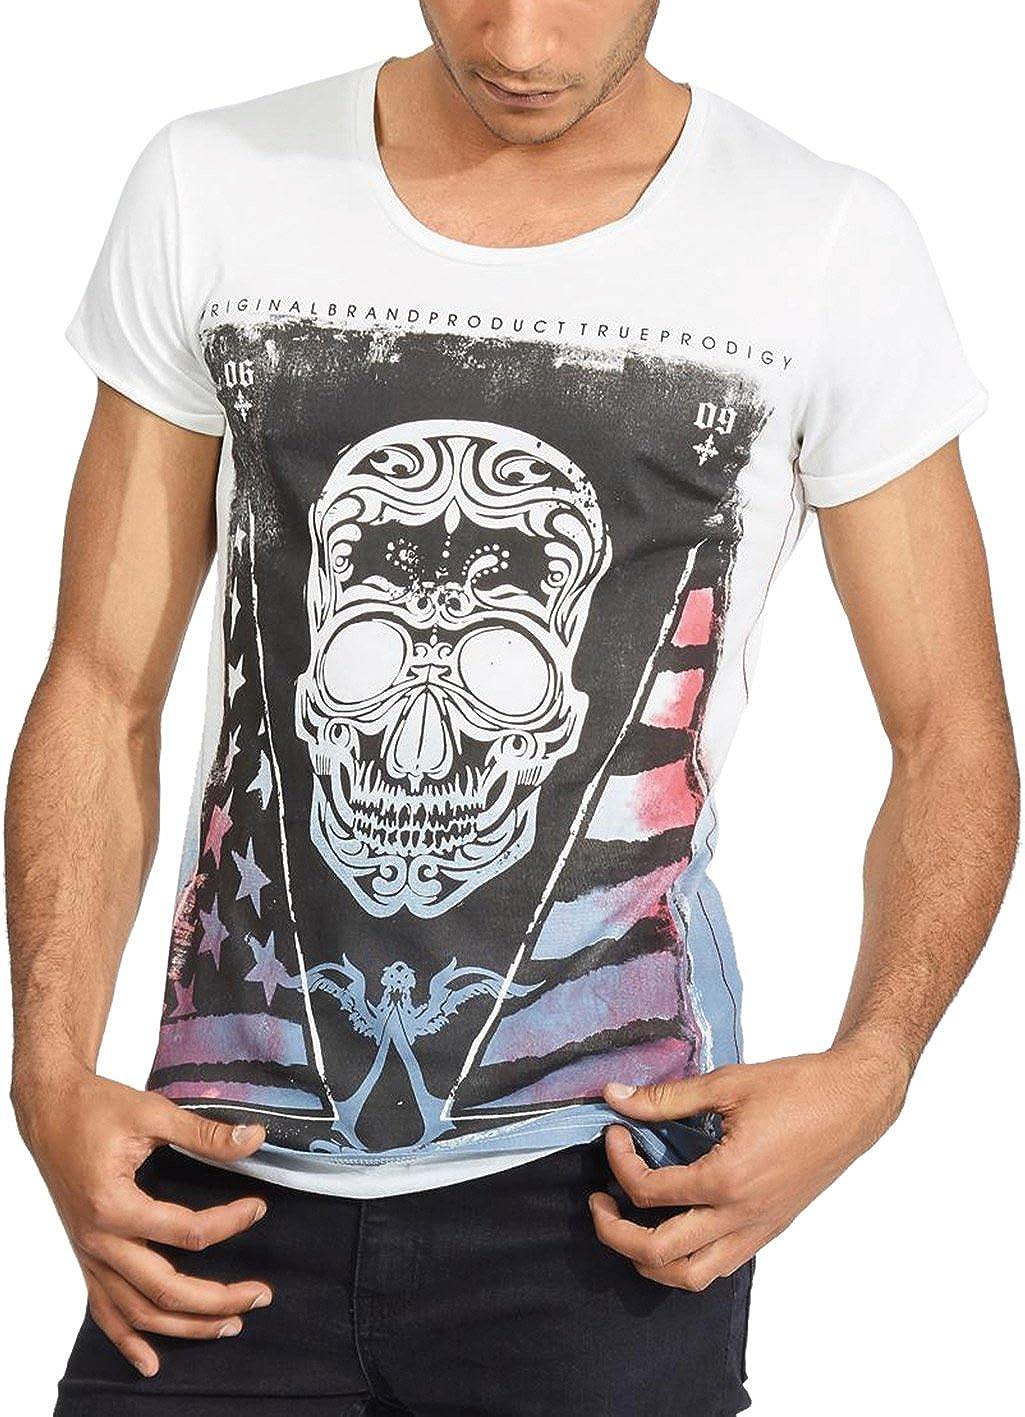 trueprodigy Casual Marca Camiseta para Hombre con impresión Estampada Ropa Retro Vintage Rock Vestir Moda Cuello Redondo Manga Corta Slim fit Designer Fashion t-Shirt: Amazon.es: Ropa y accesorios